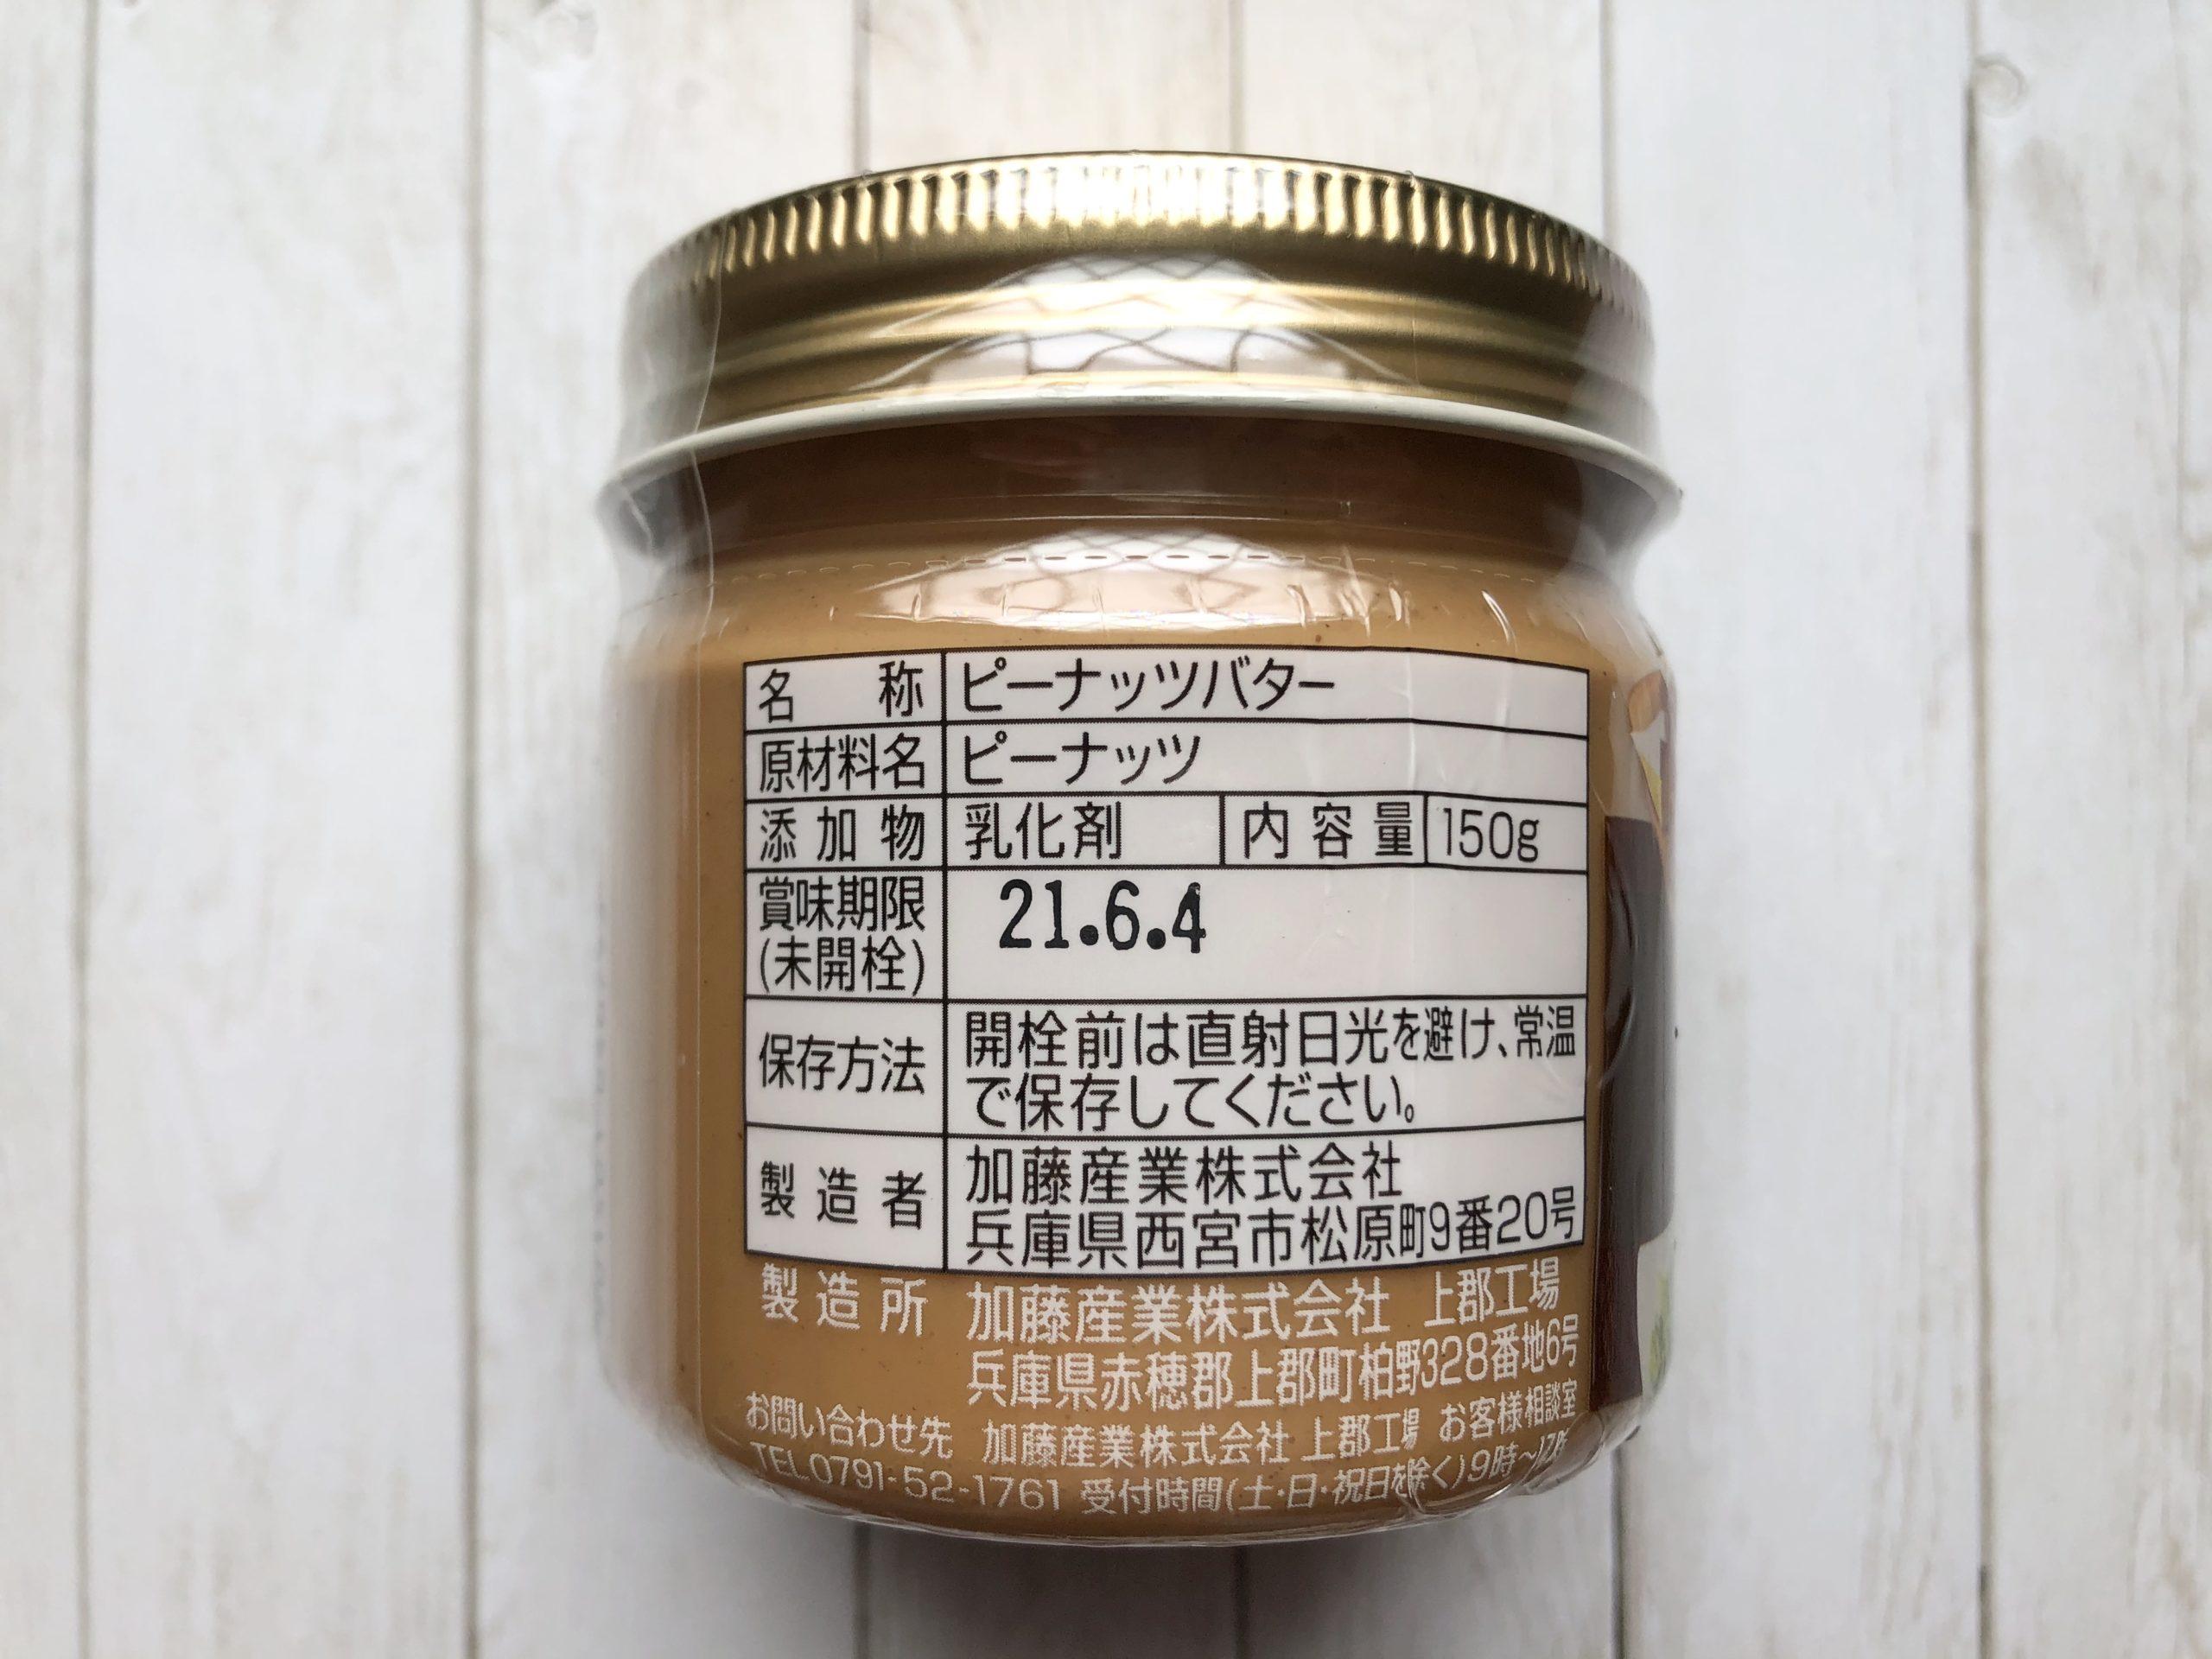 Kanpyピーナッツバター栄養表示